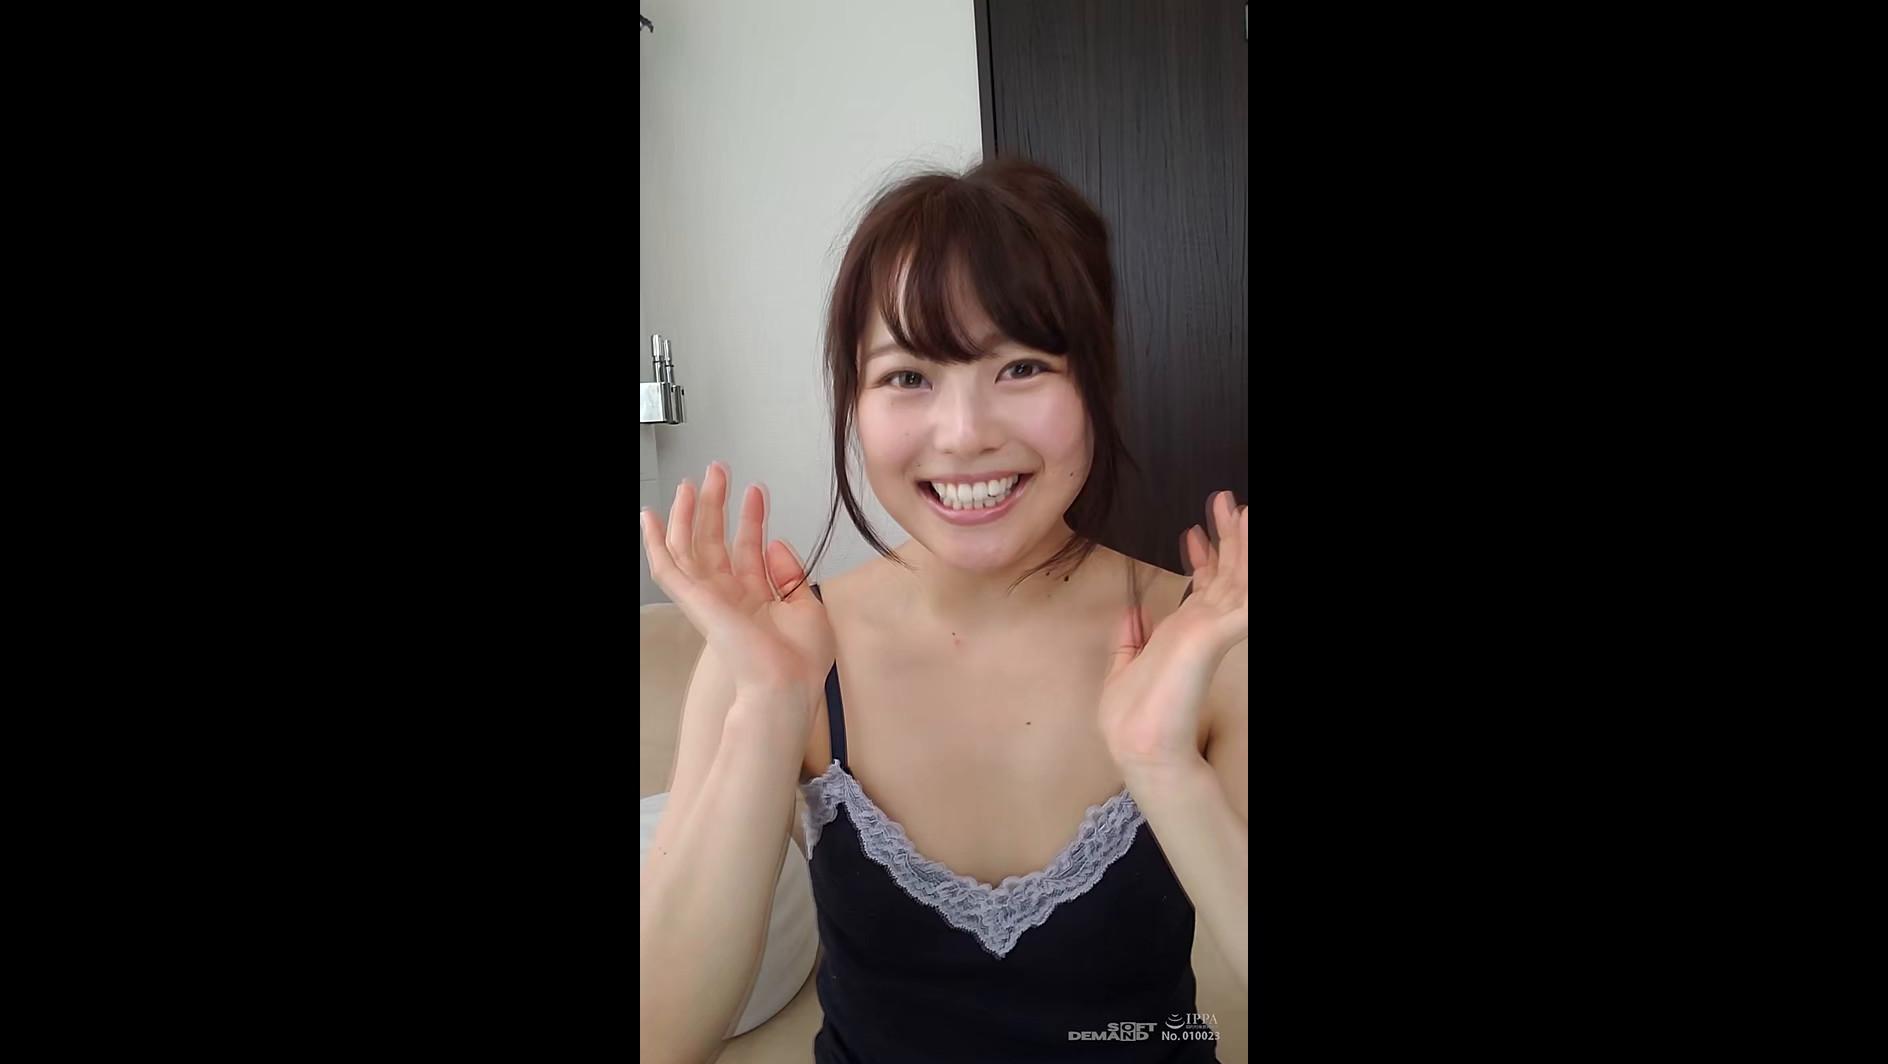 ビデオ通話エッチ JOI ちはる 【縦動画】